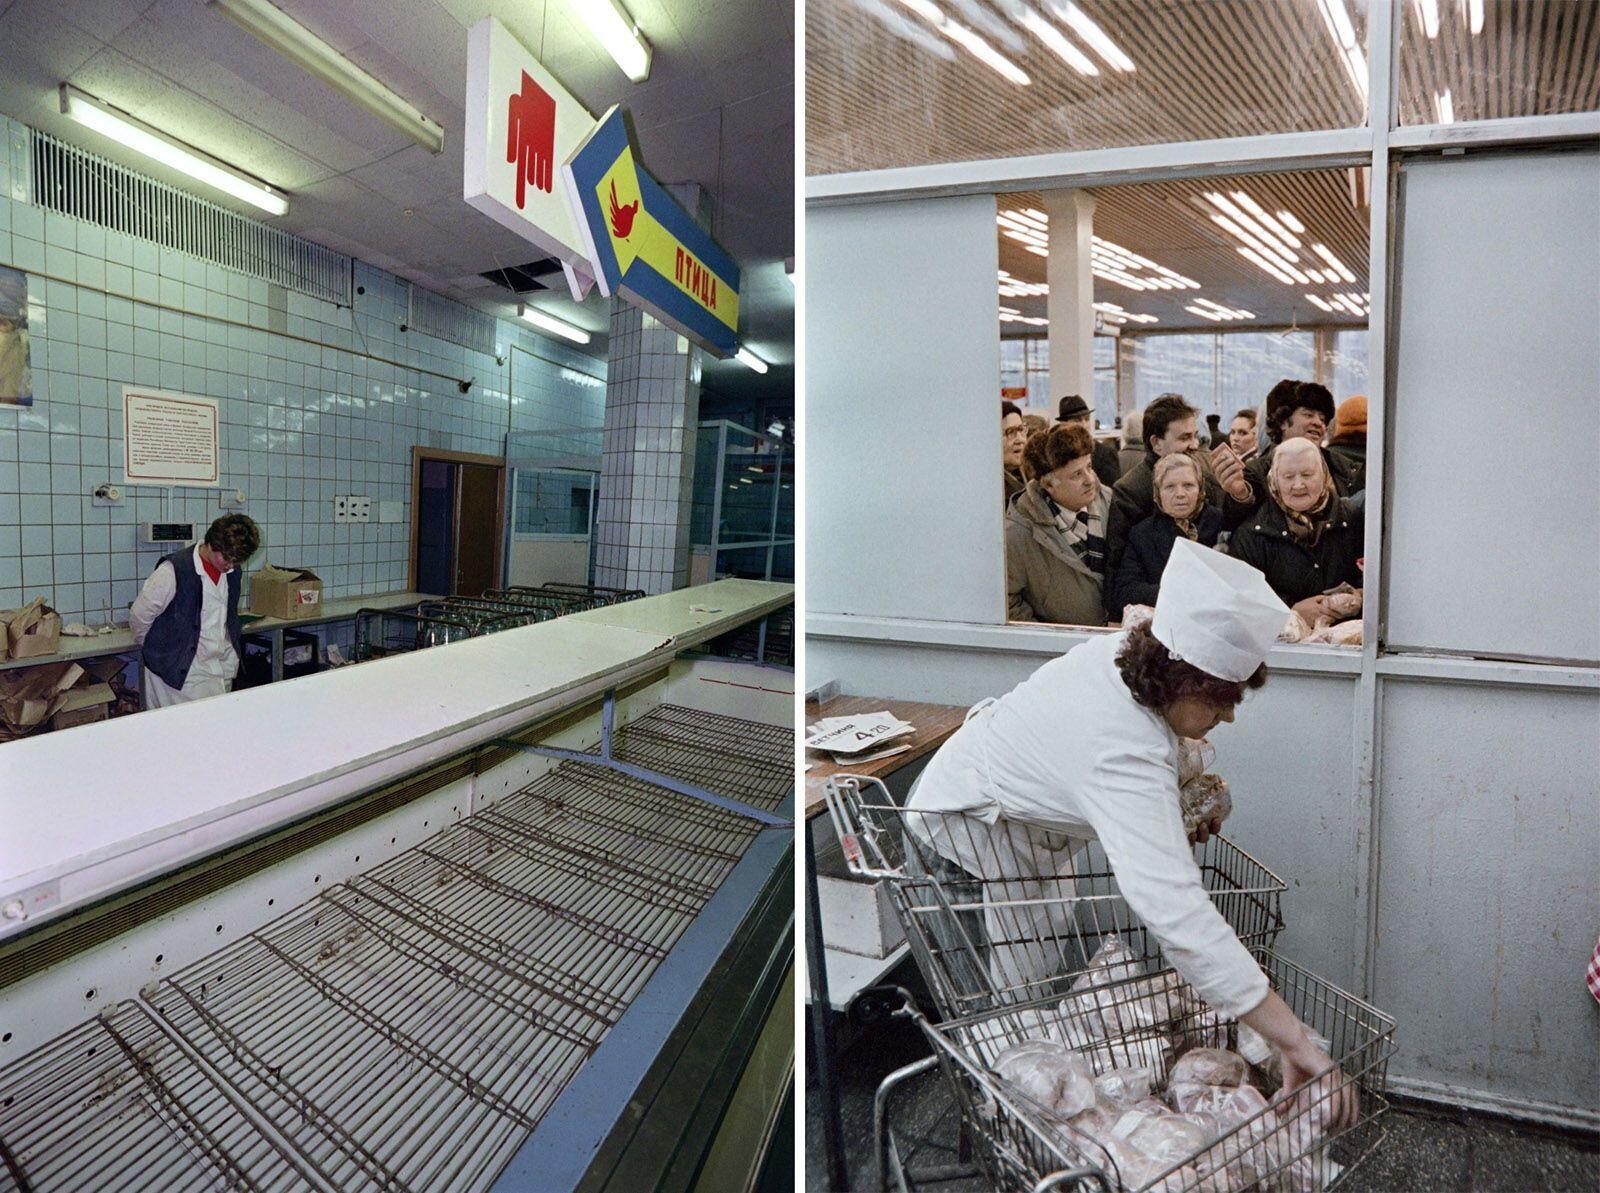 Пенсионеры, отдавшие СССР свои лучшие годы, были вынуждены душиться в очередях и показывать паспорта, чтобы купить кусок замороженного мяса